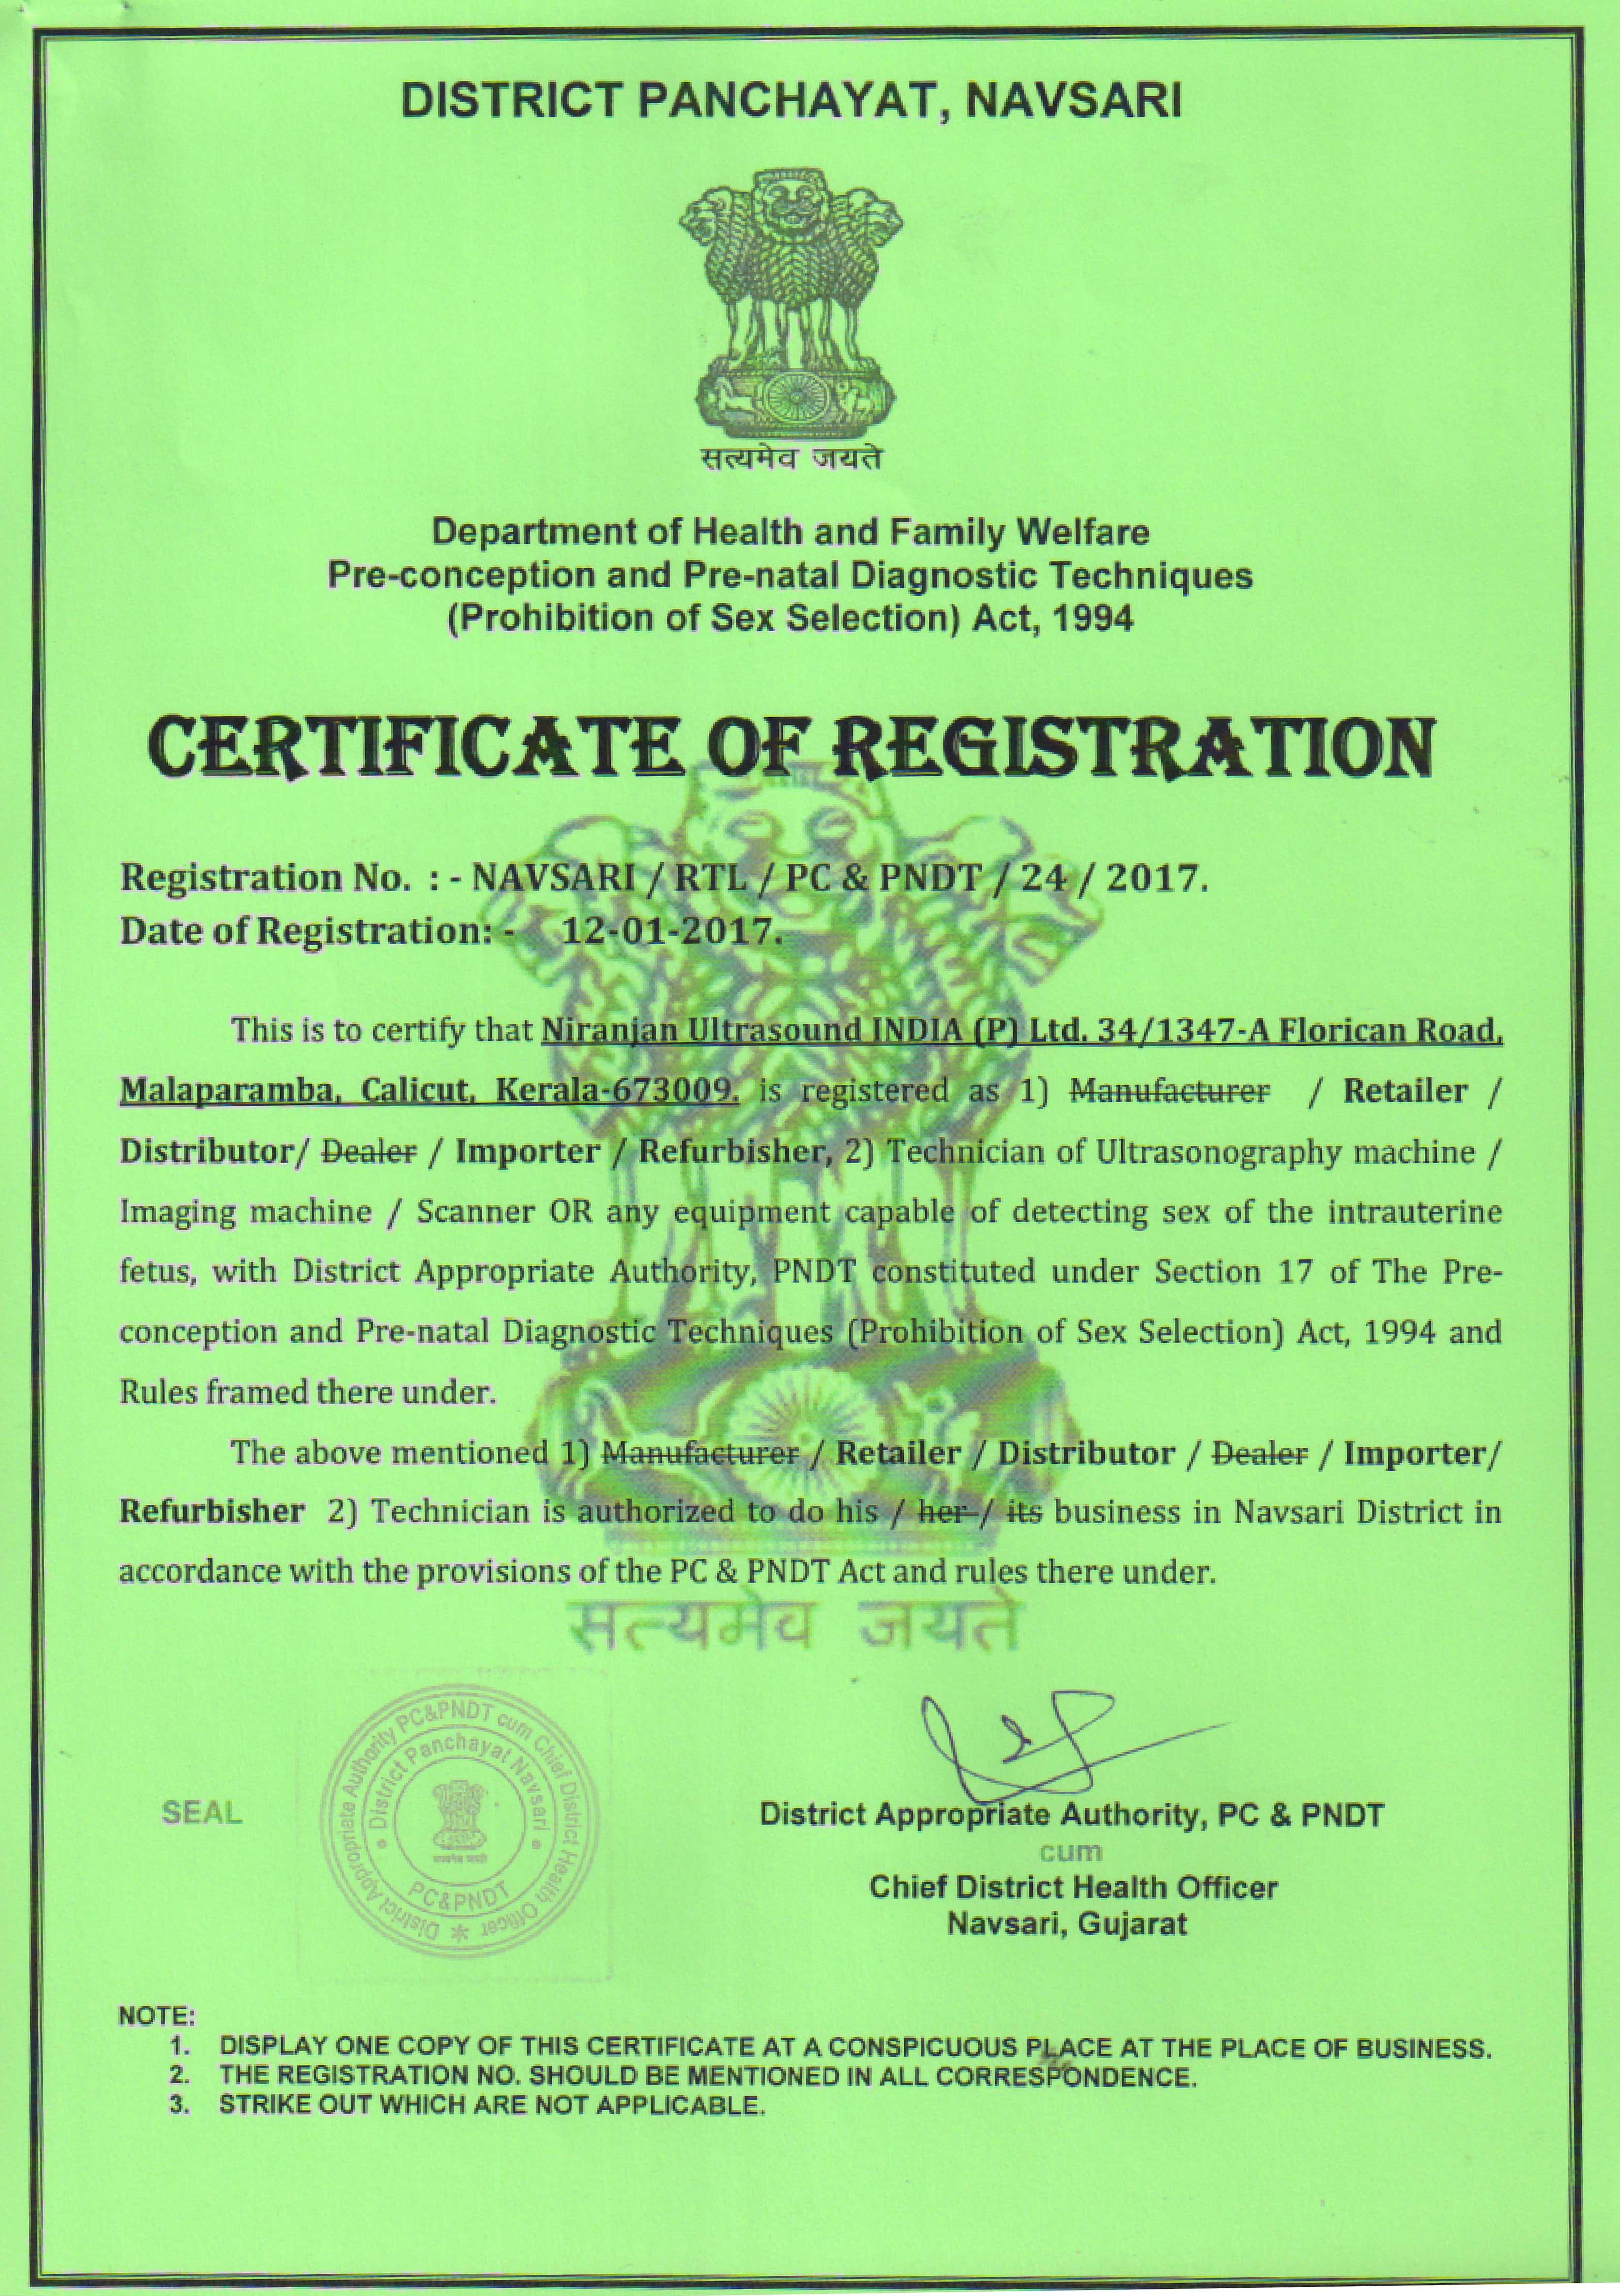 Navsari PNDT Certificate